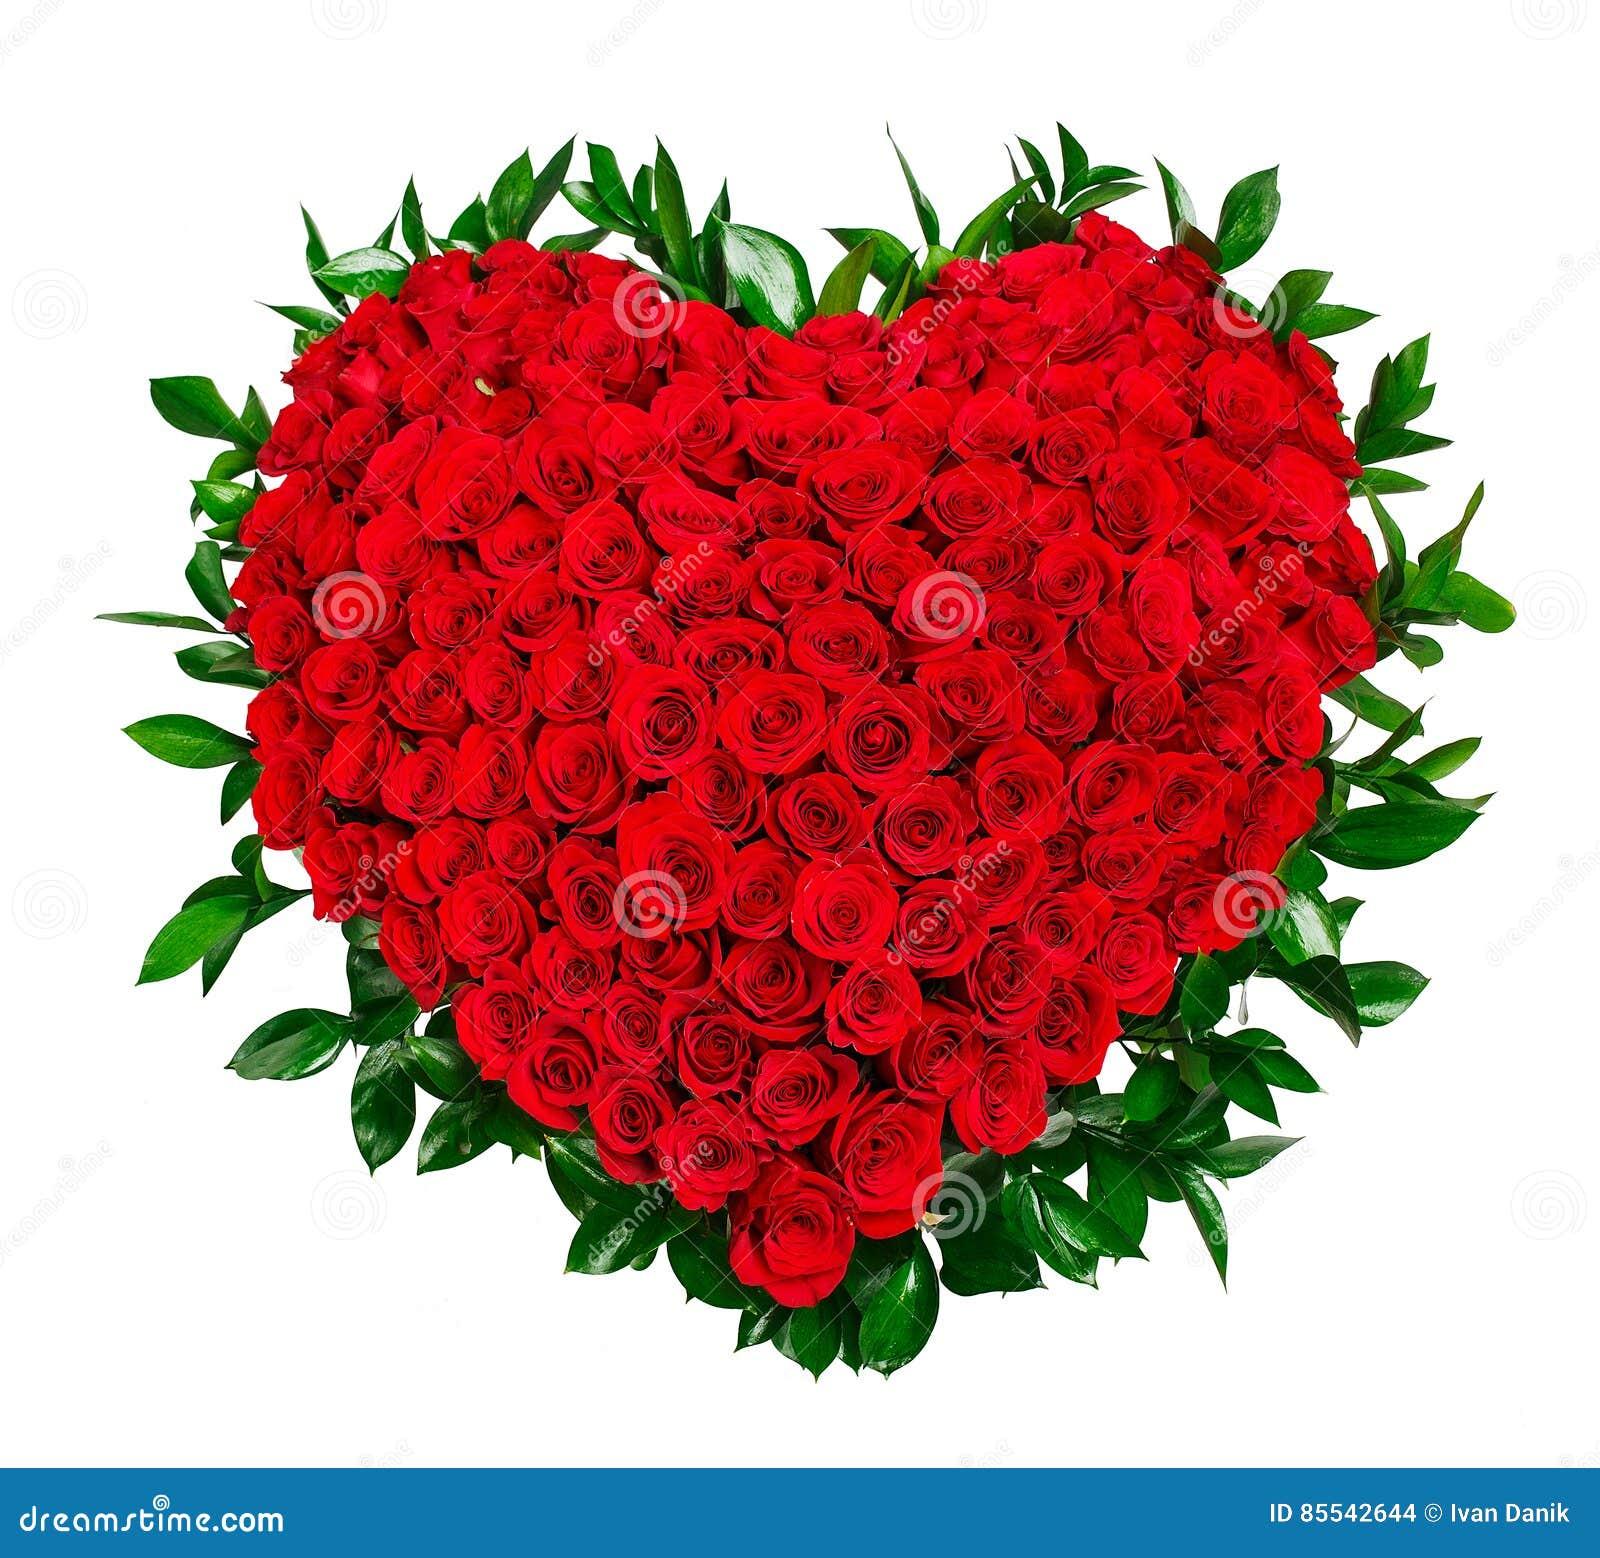 bouquet en forme de coeur des roses rouges photo stock - image du